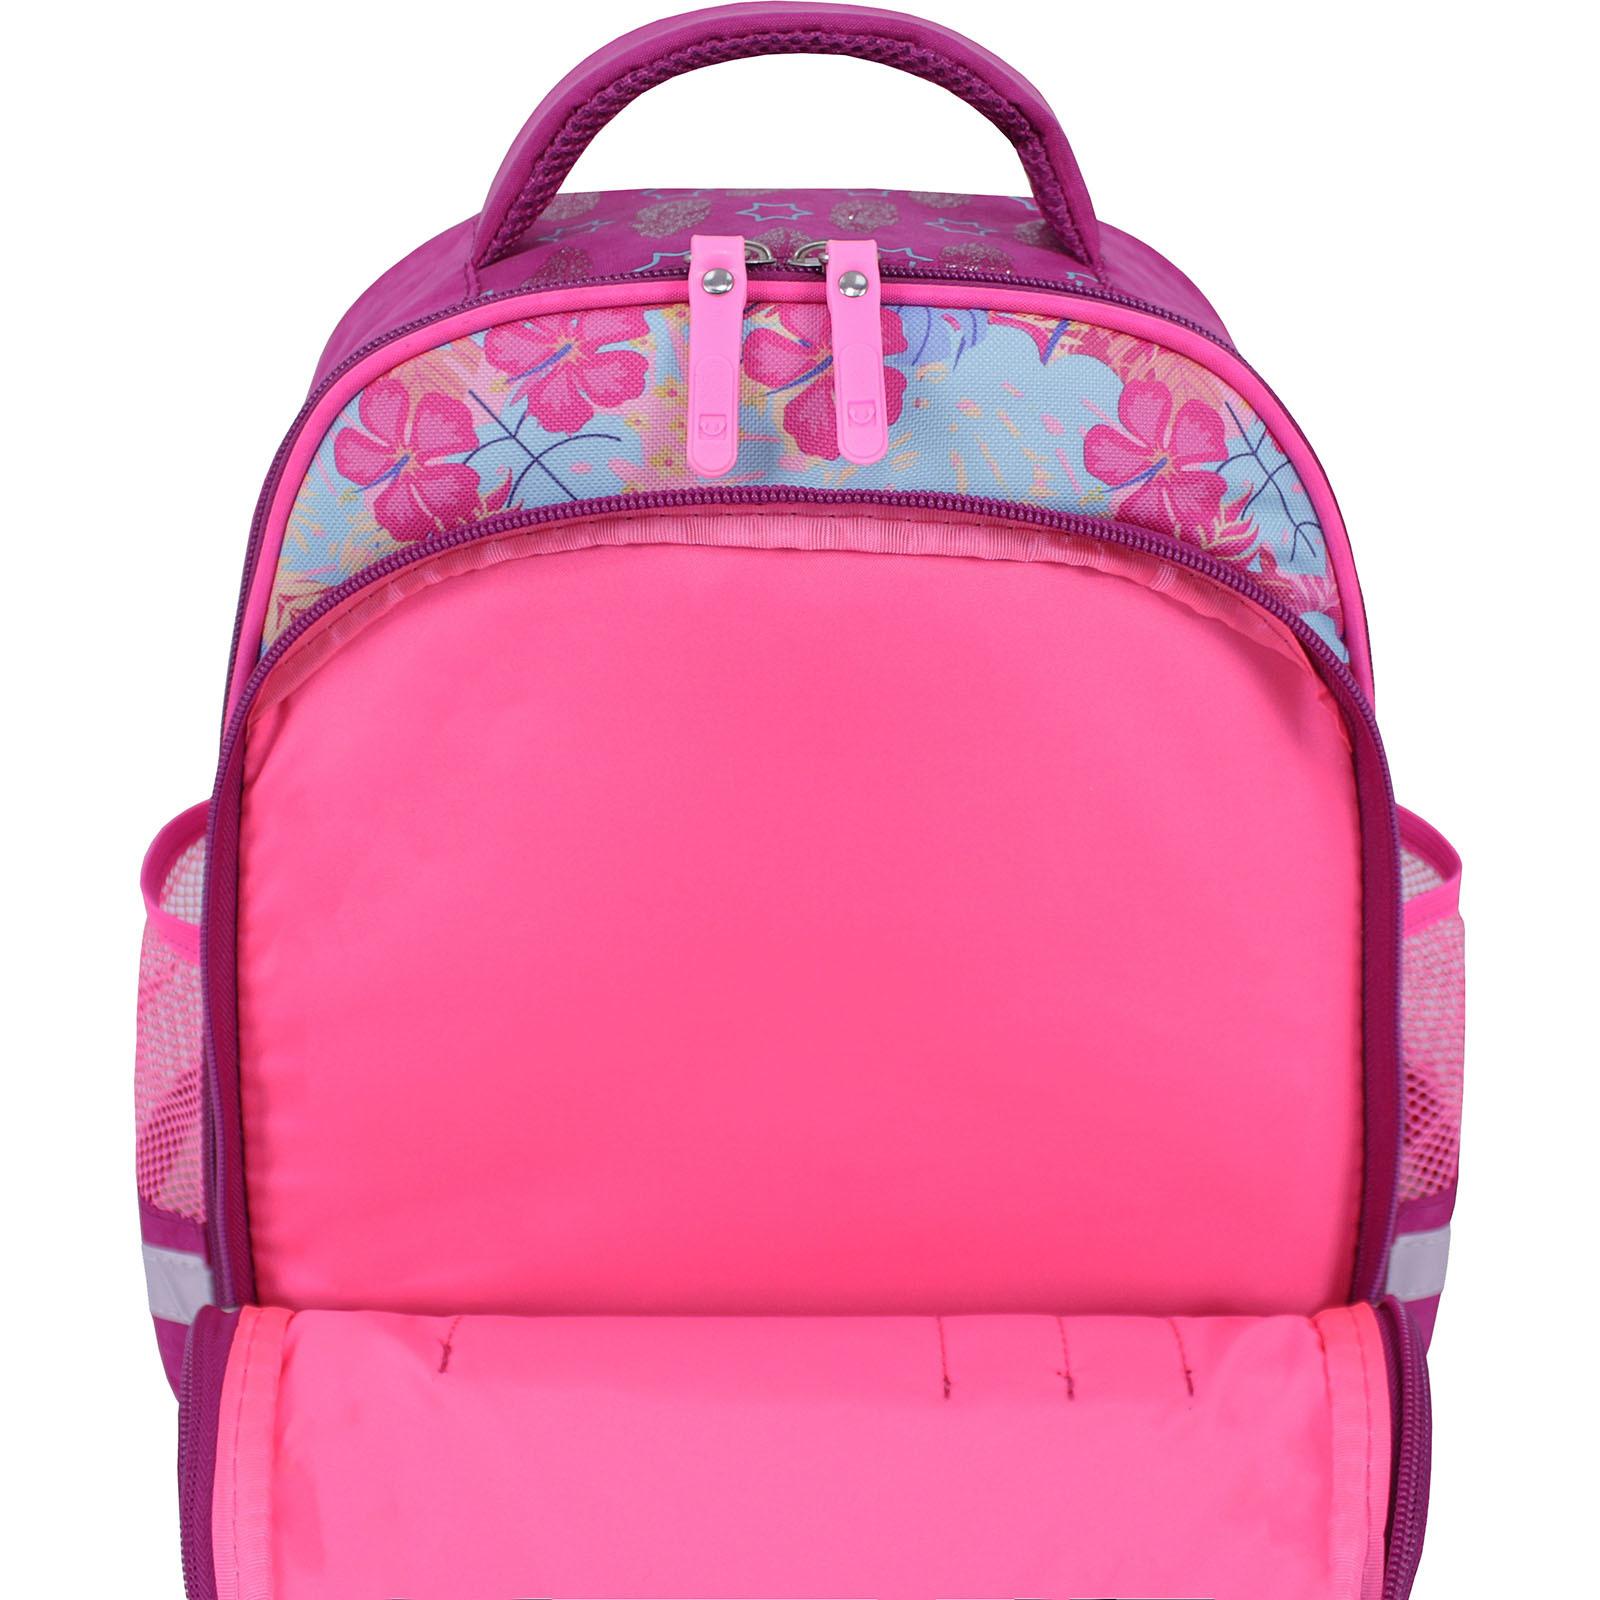 Рюкзак школьный Bagland Mouse 143 малиновый 514 (0051370) фото 4